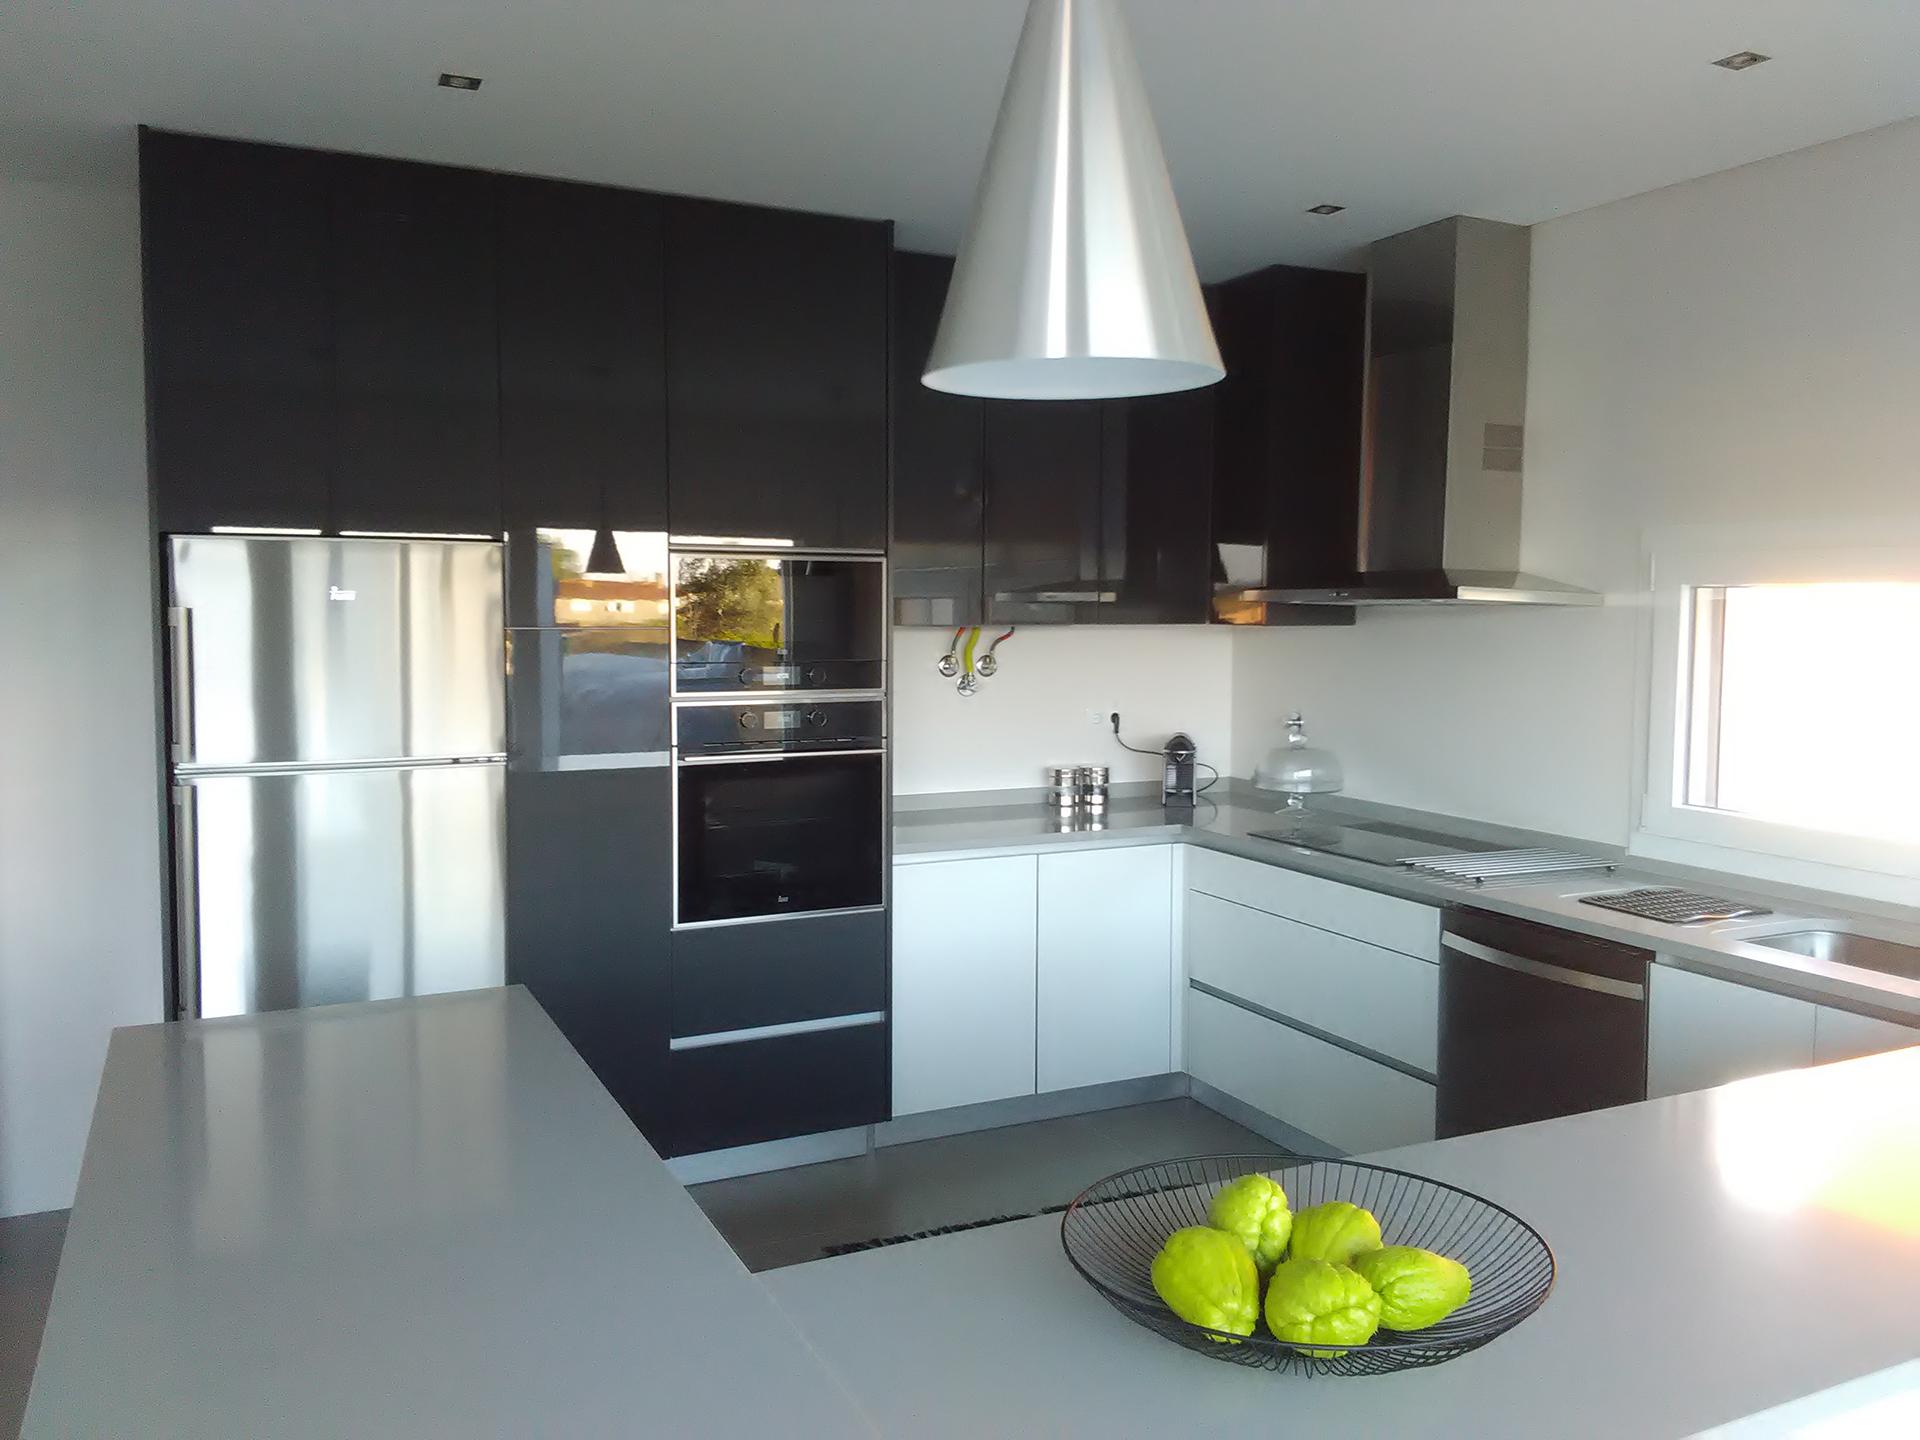 Cozinha em Termolaminado Branco Brilho e Antracite Brilho